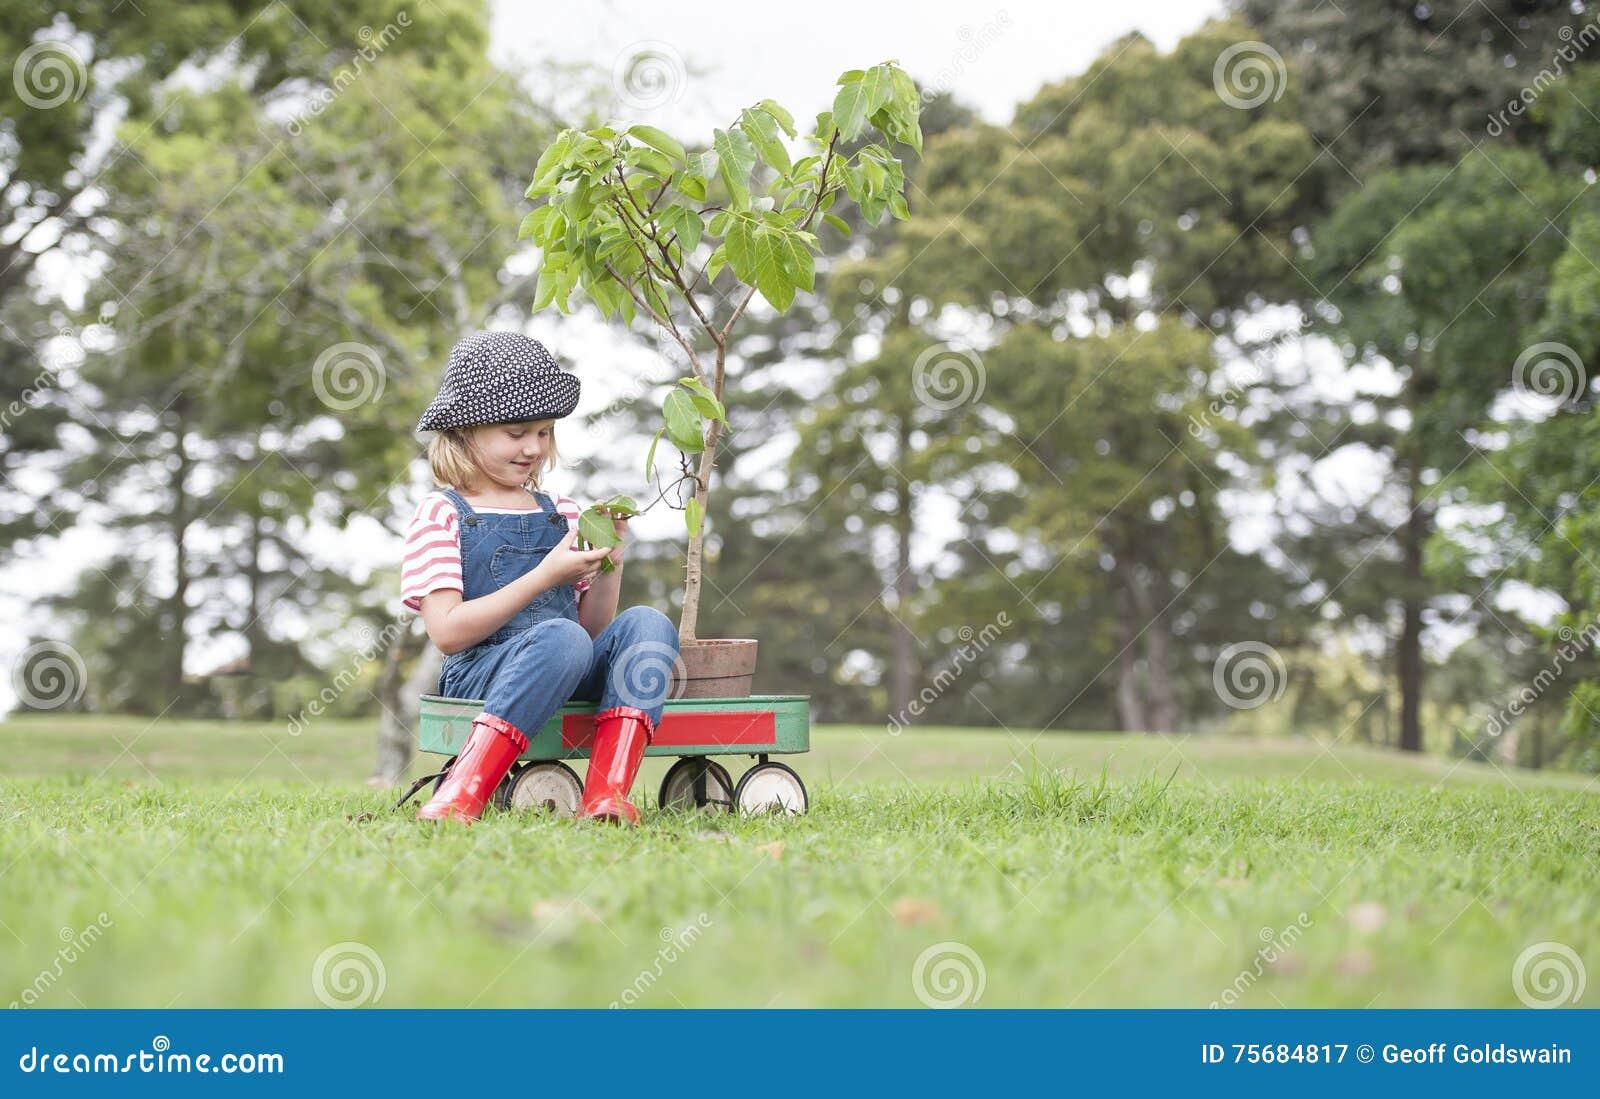 Chica joven que planta el árbol en el parque eco-enterado